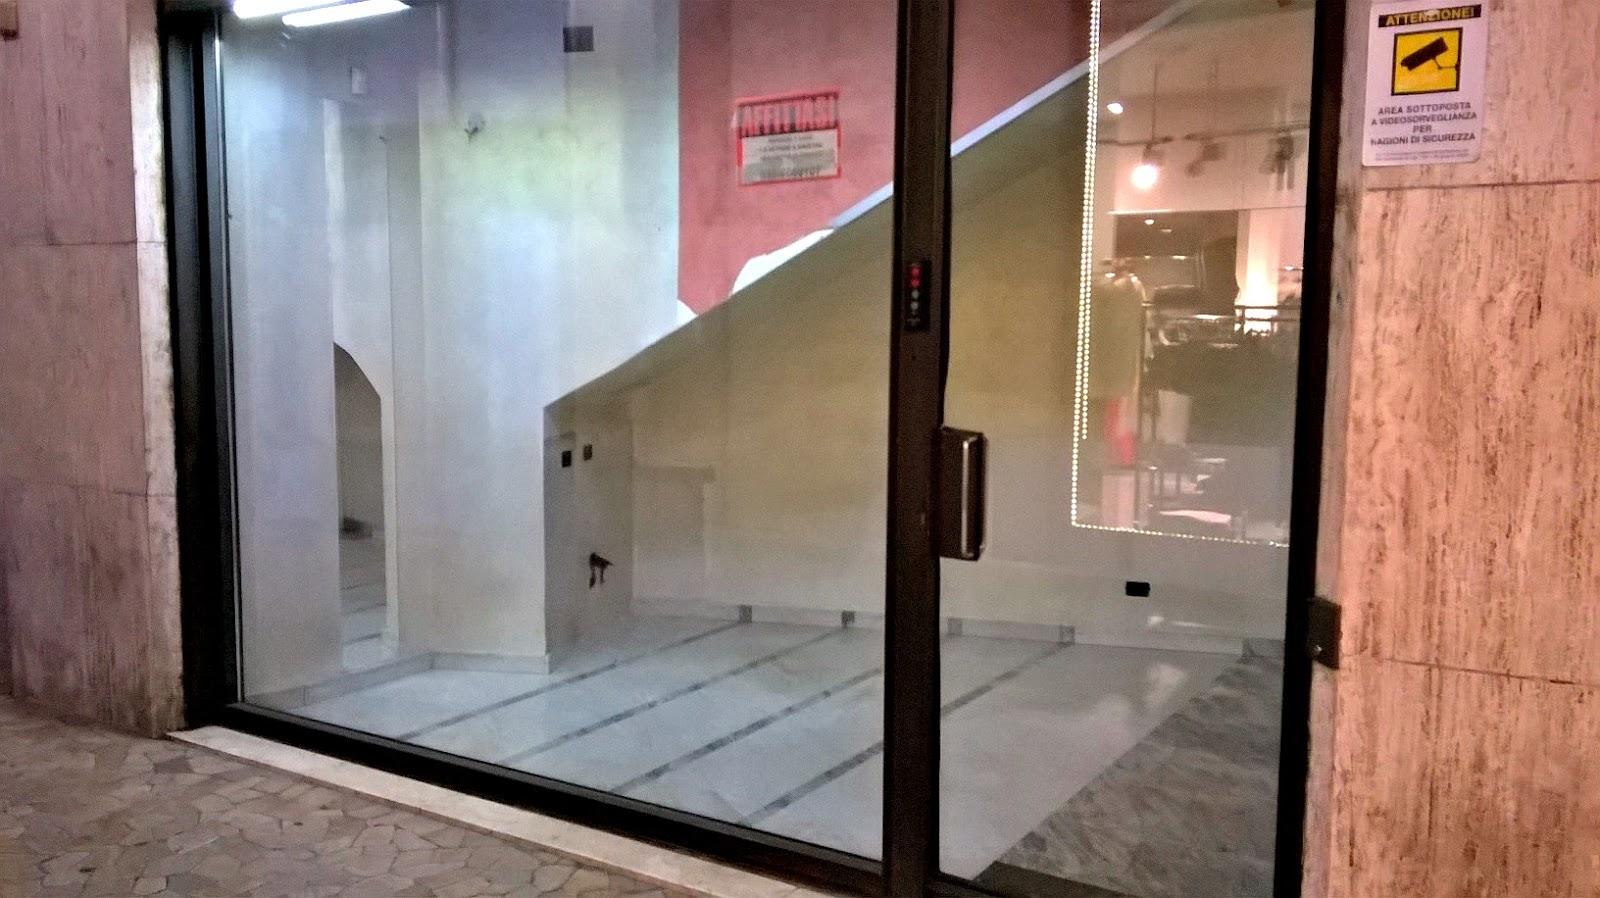 Negozio affitto bergamo via tiraboschi porta nuova for Case affitto bergamo